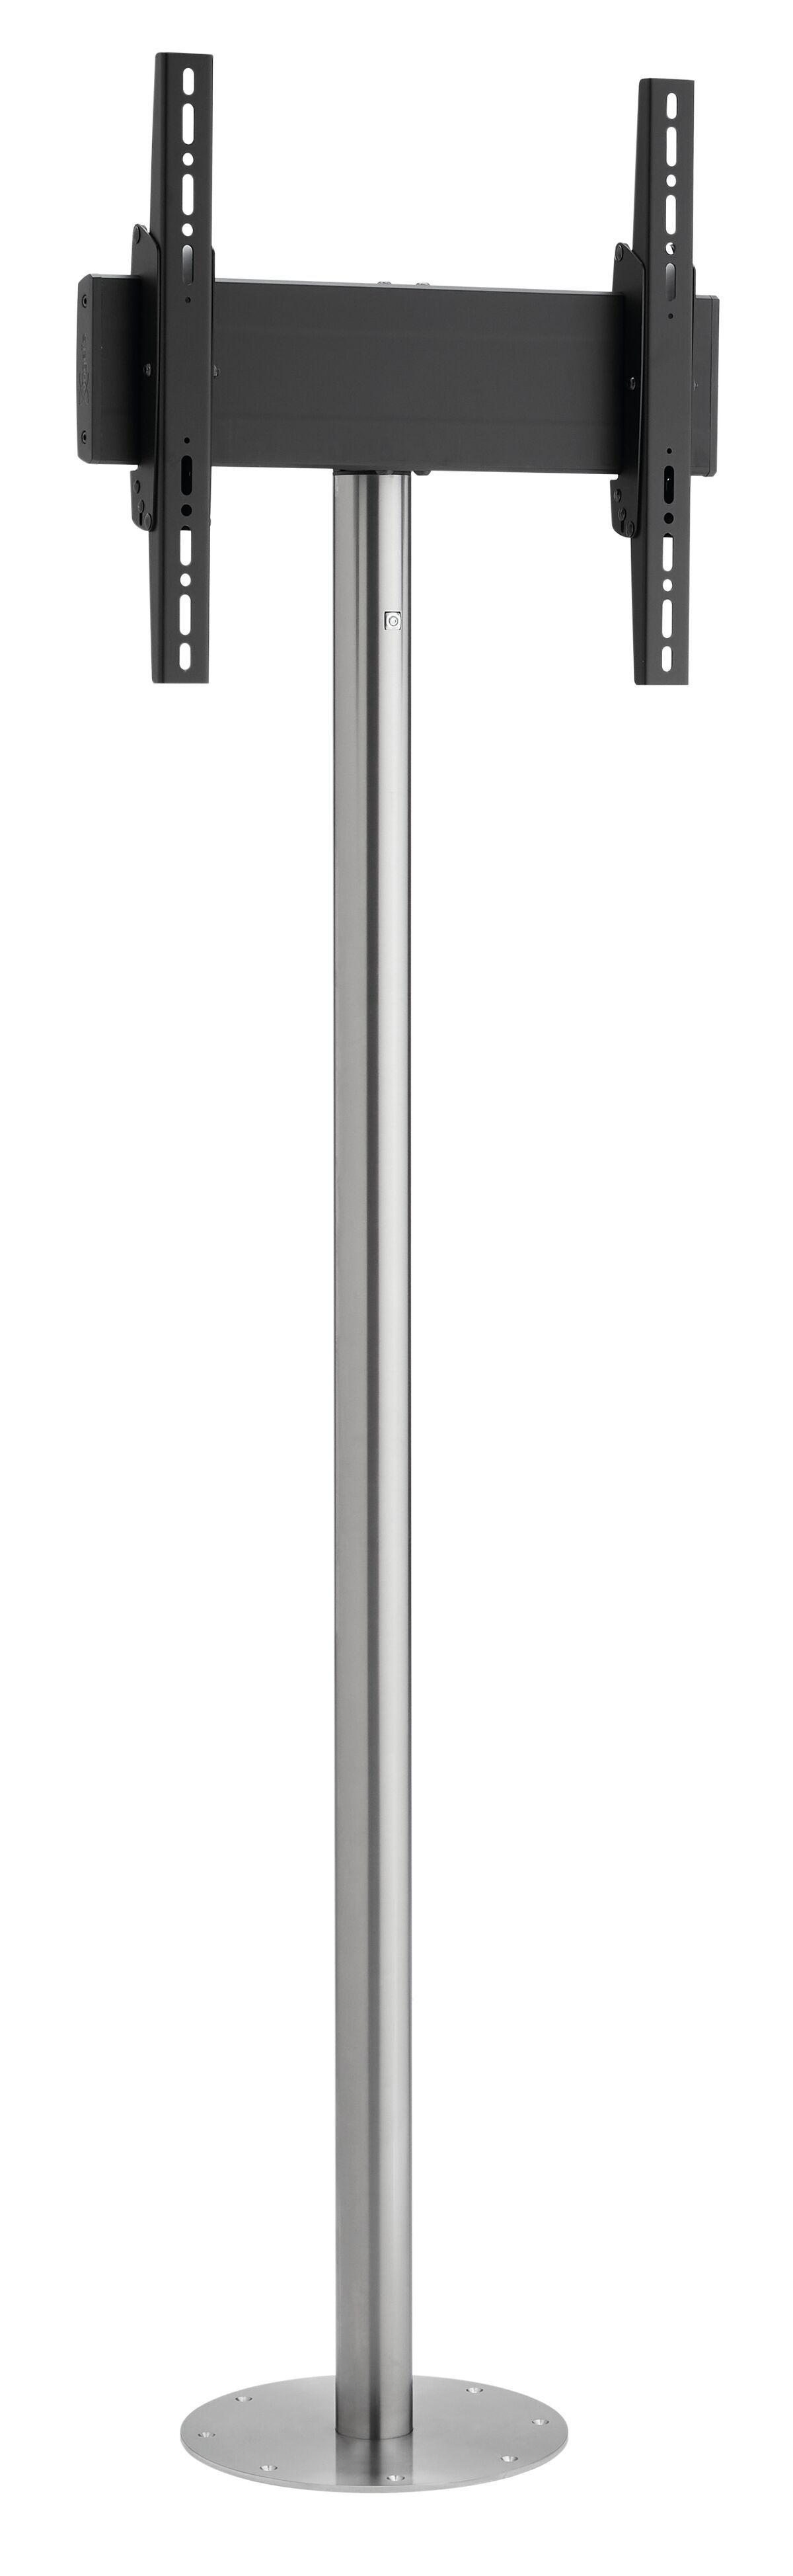 Vogel's FM1622RVS Pied de sol pour écran - Product